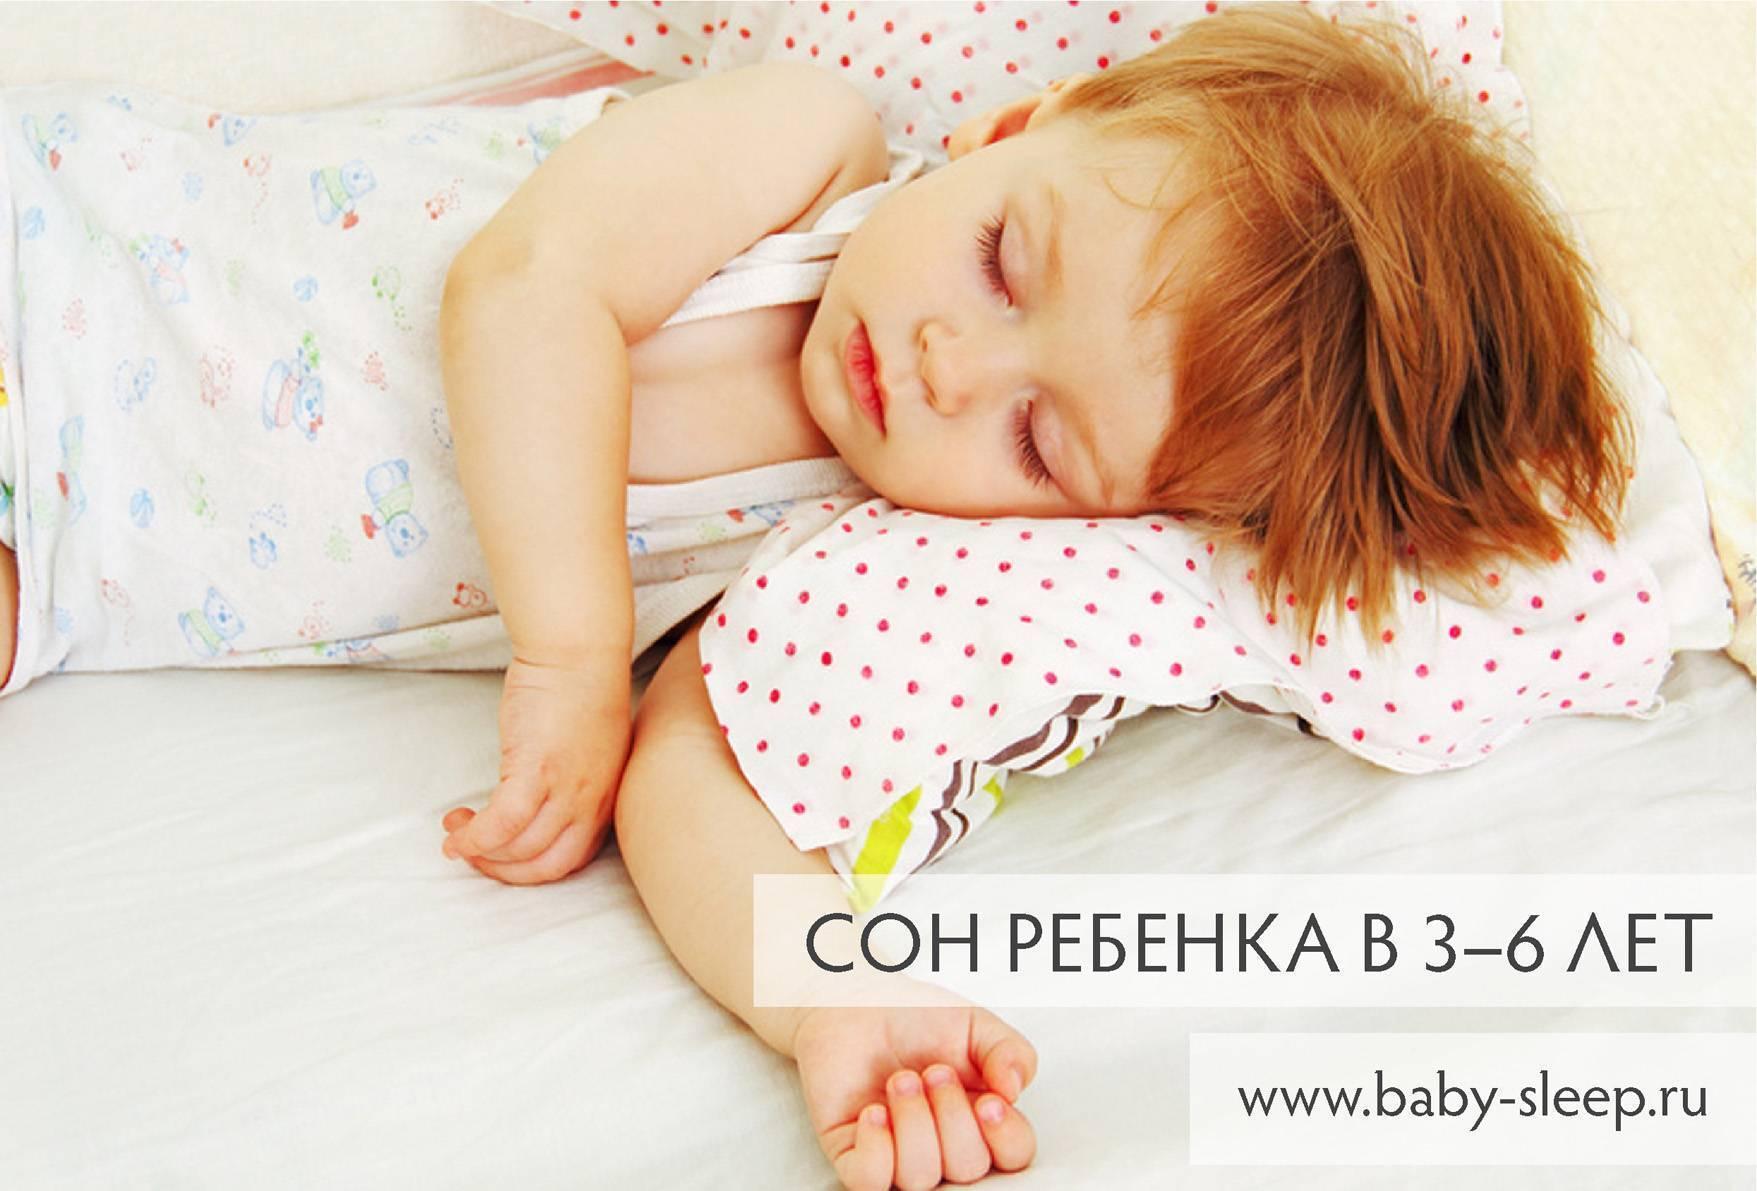 Ребенок ночью просыпается и кричит в истерике - что делать?